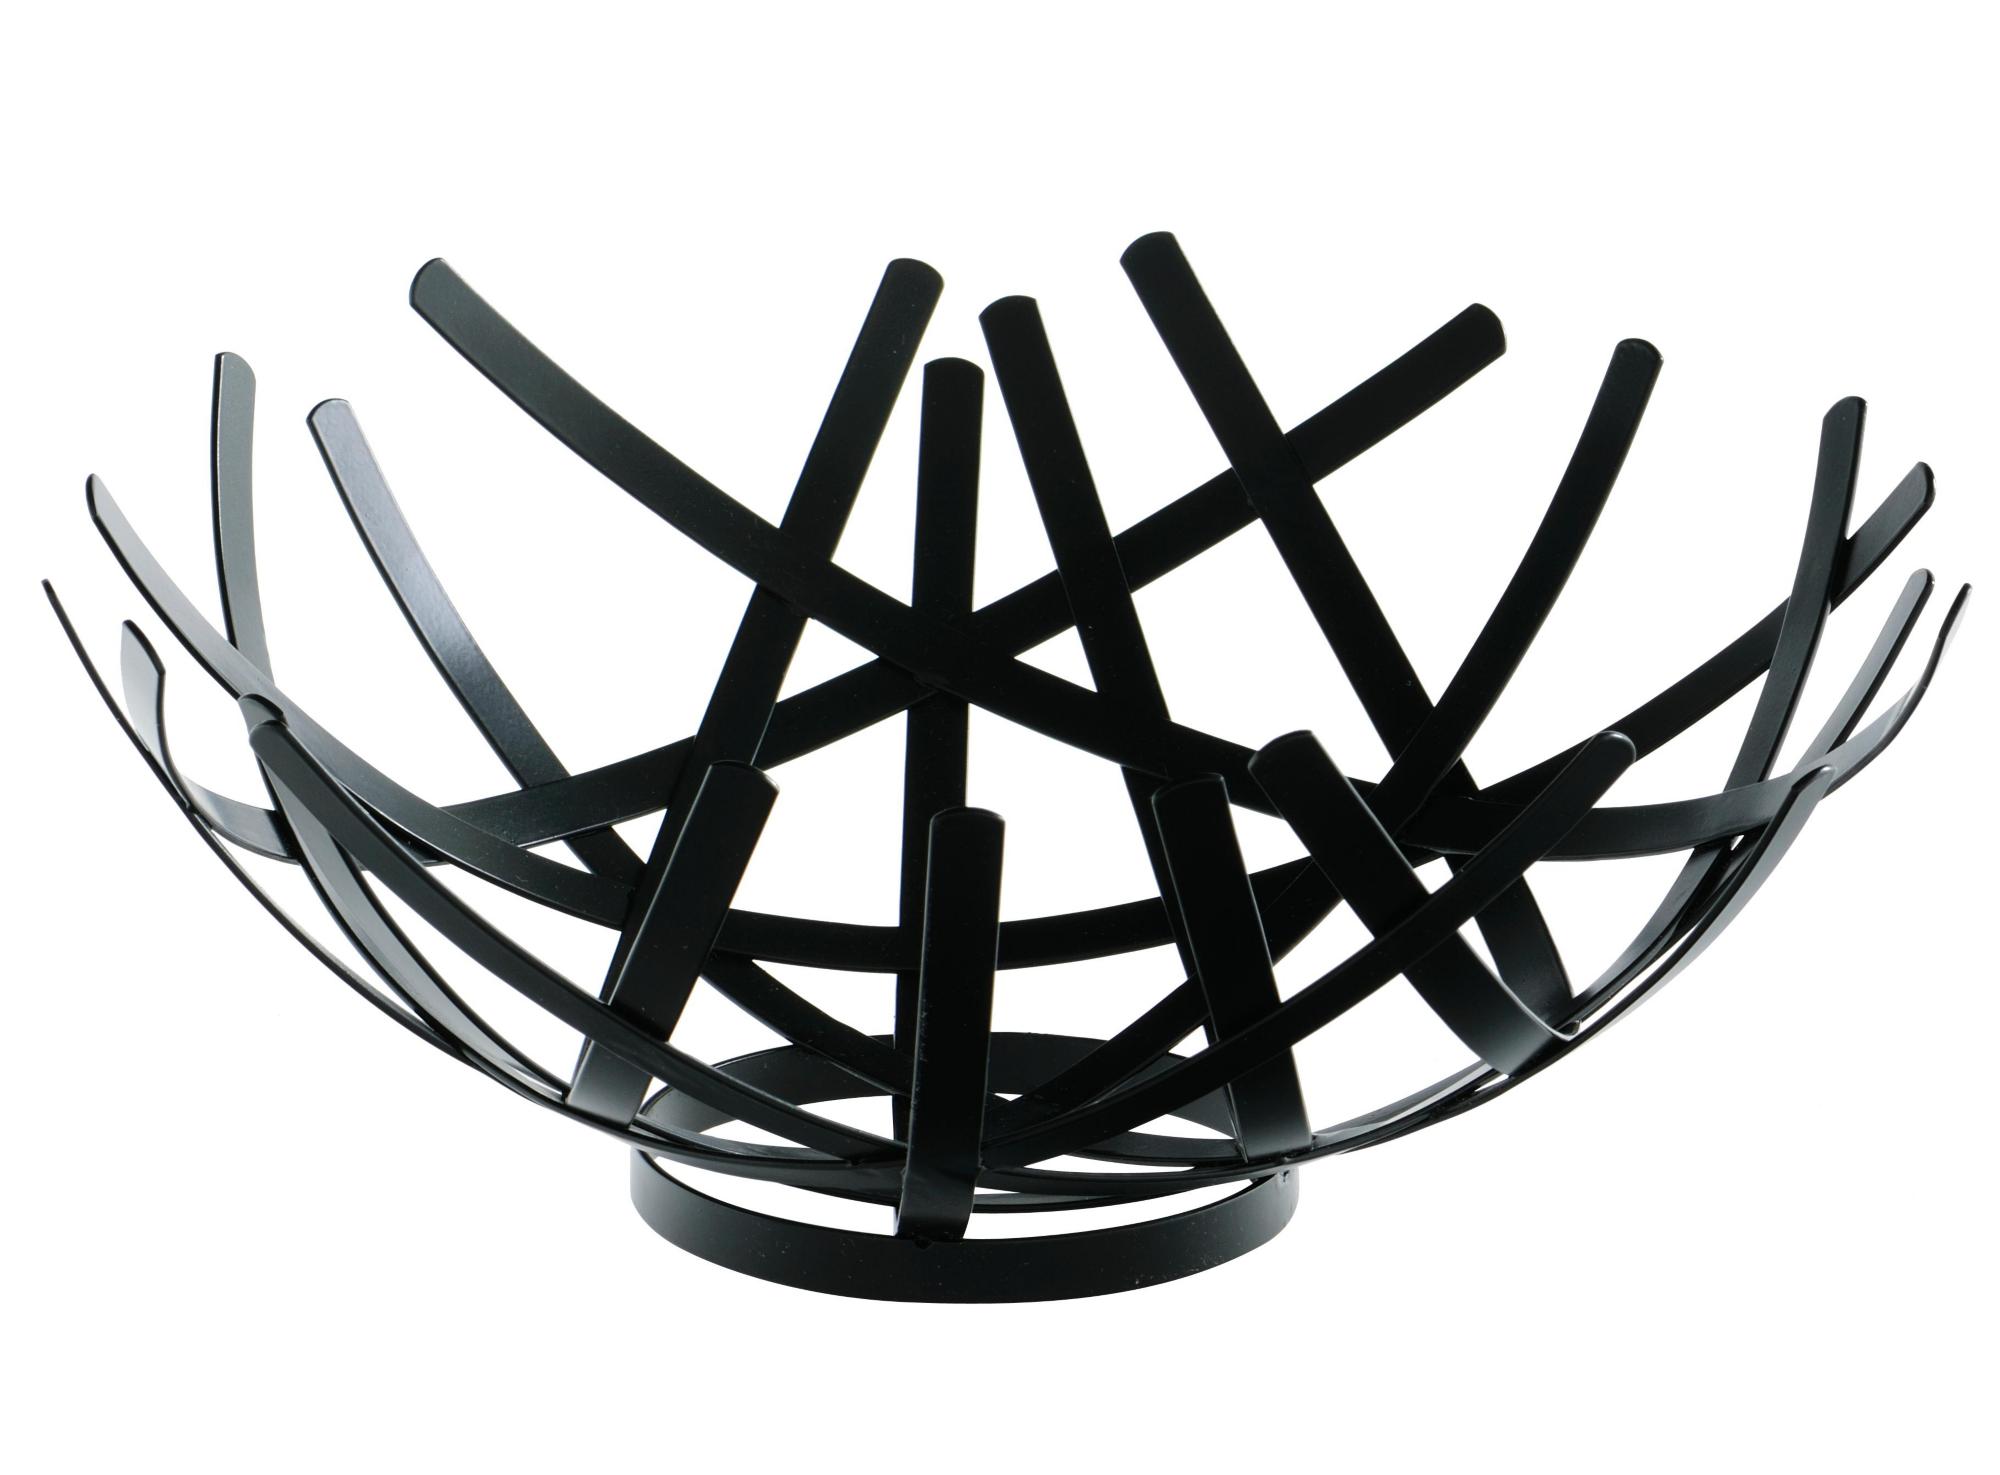 Coupe decorative d18cm en fer laque coloris noir